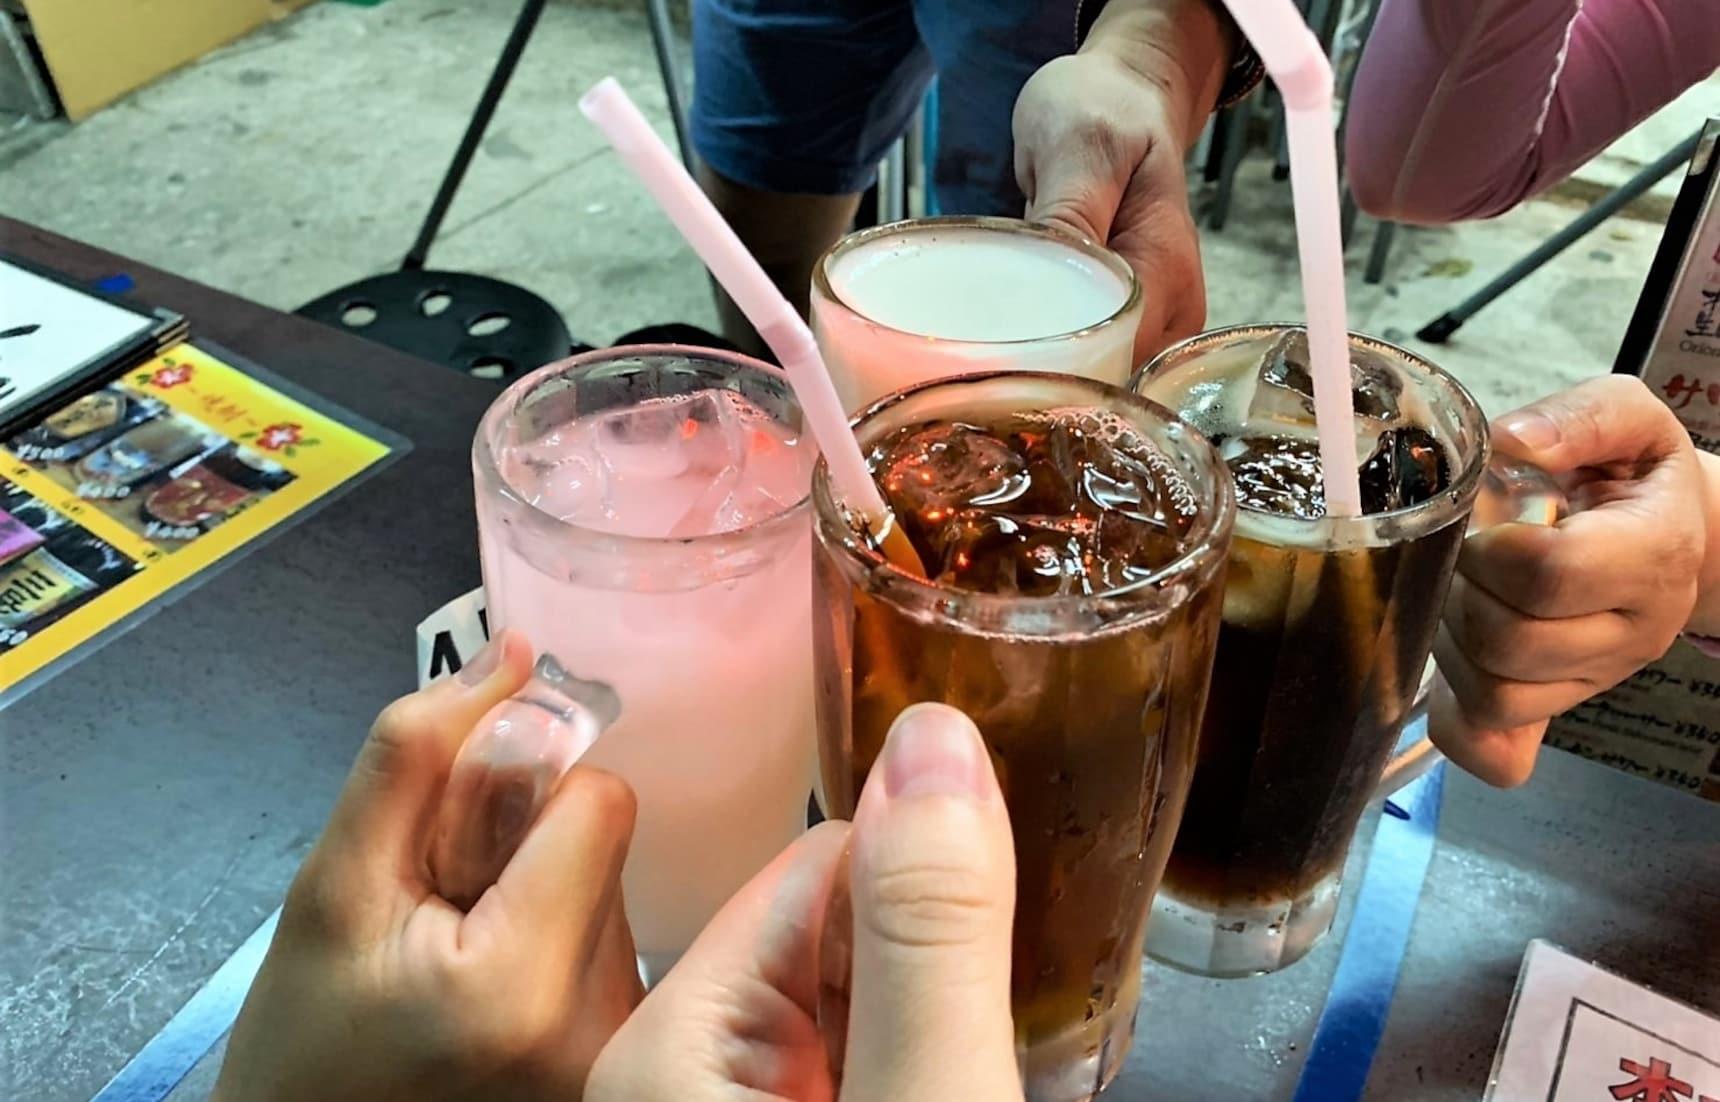 【美食豆知識】日本便宜又大碗的酒場文化!日幣千元小酌買醉初體驗